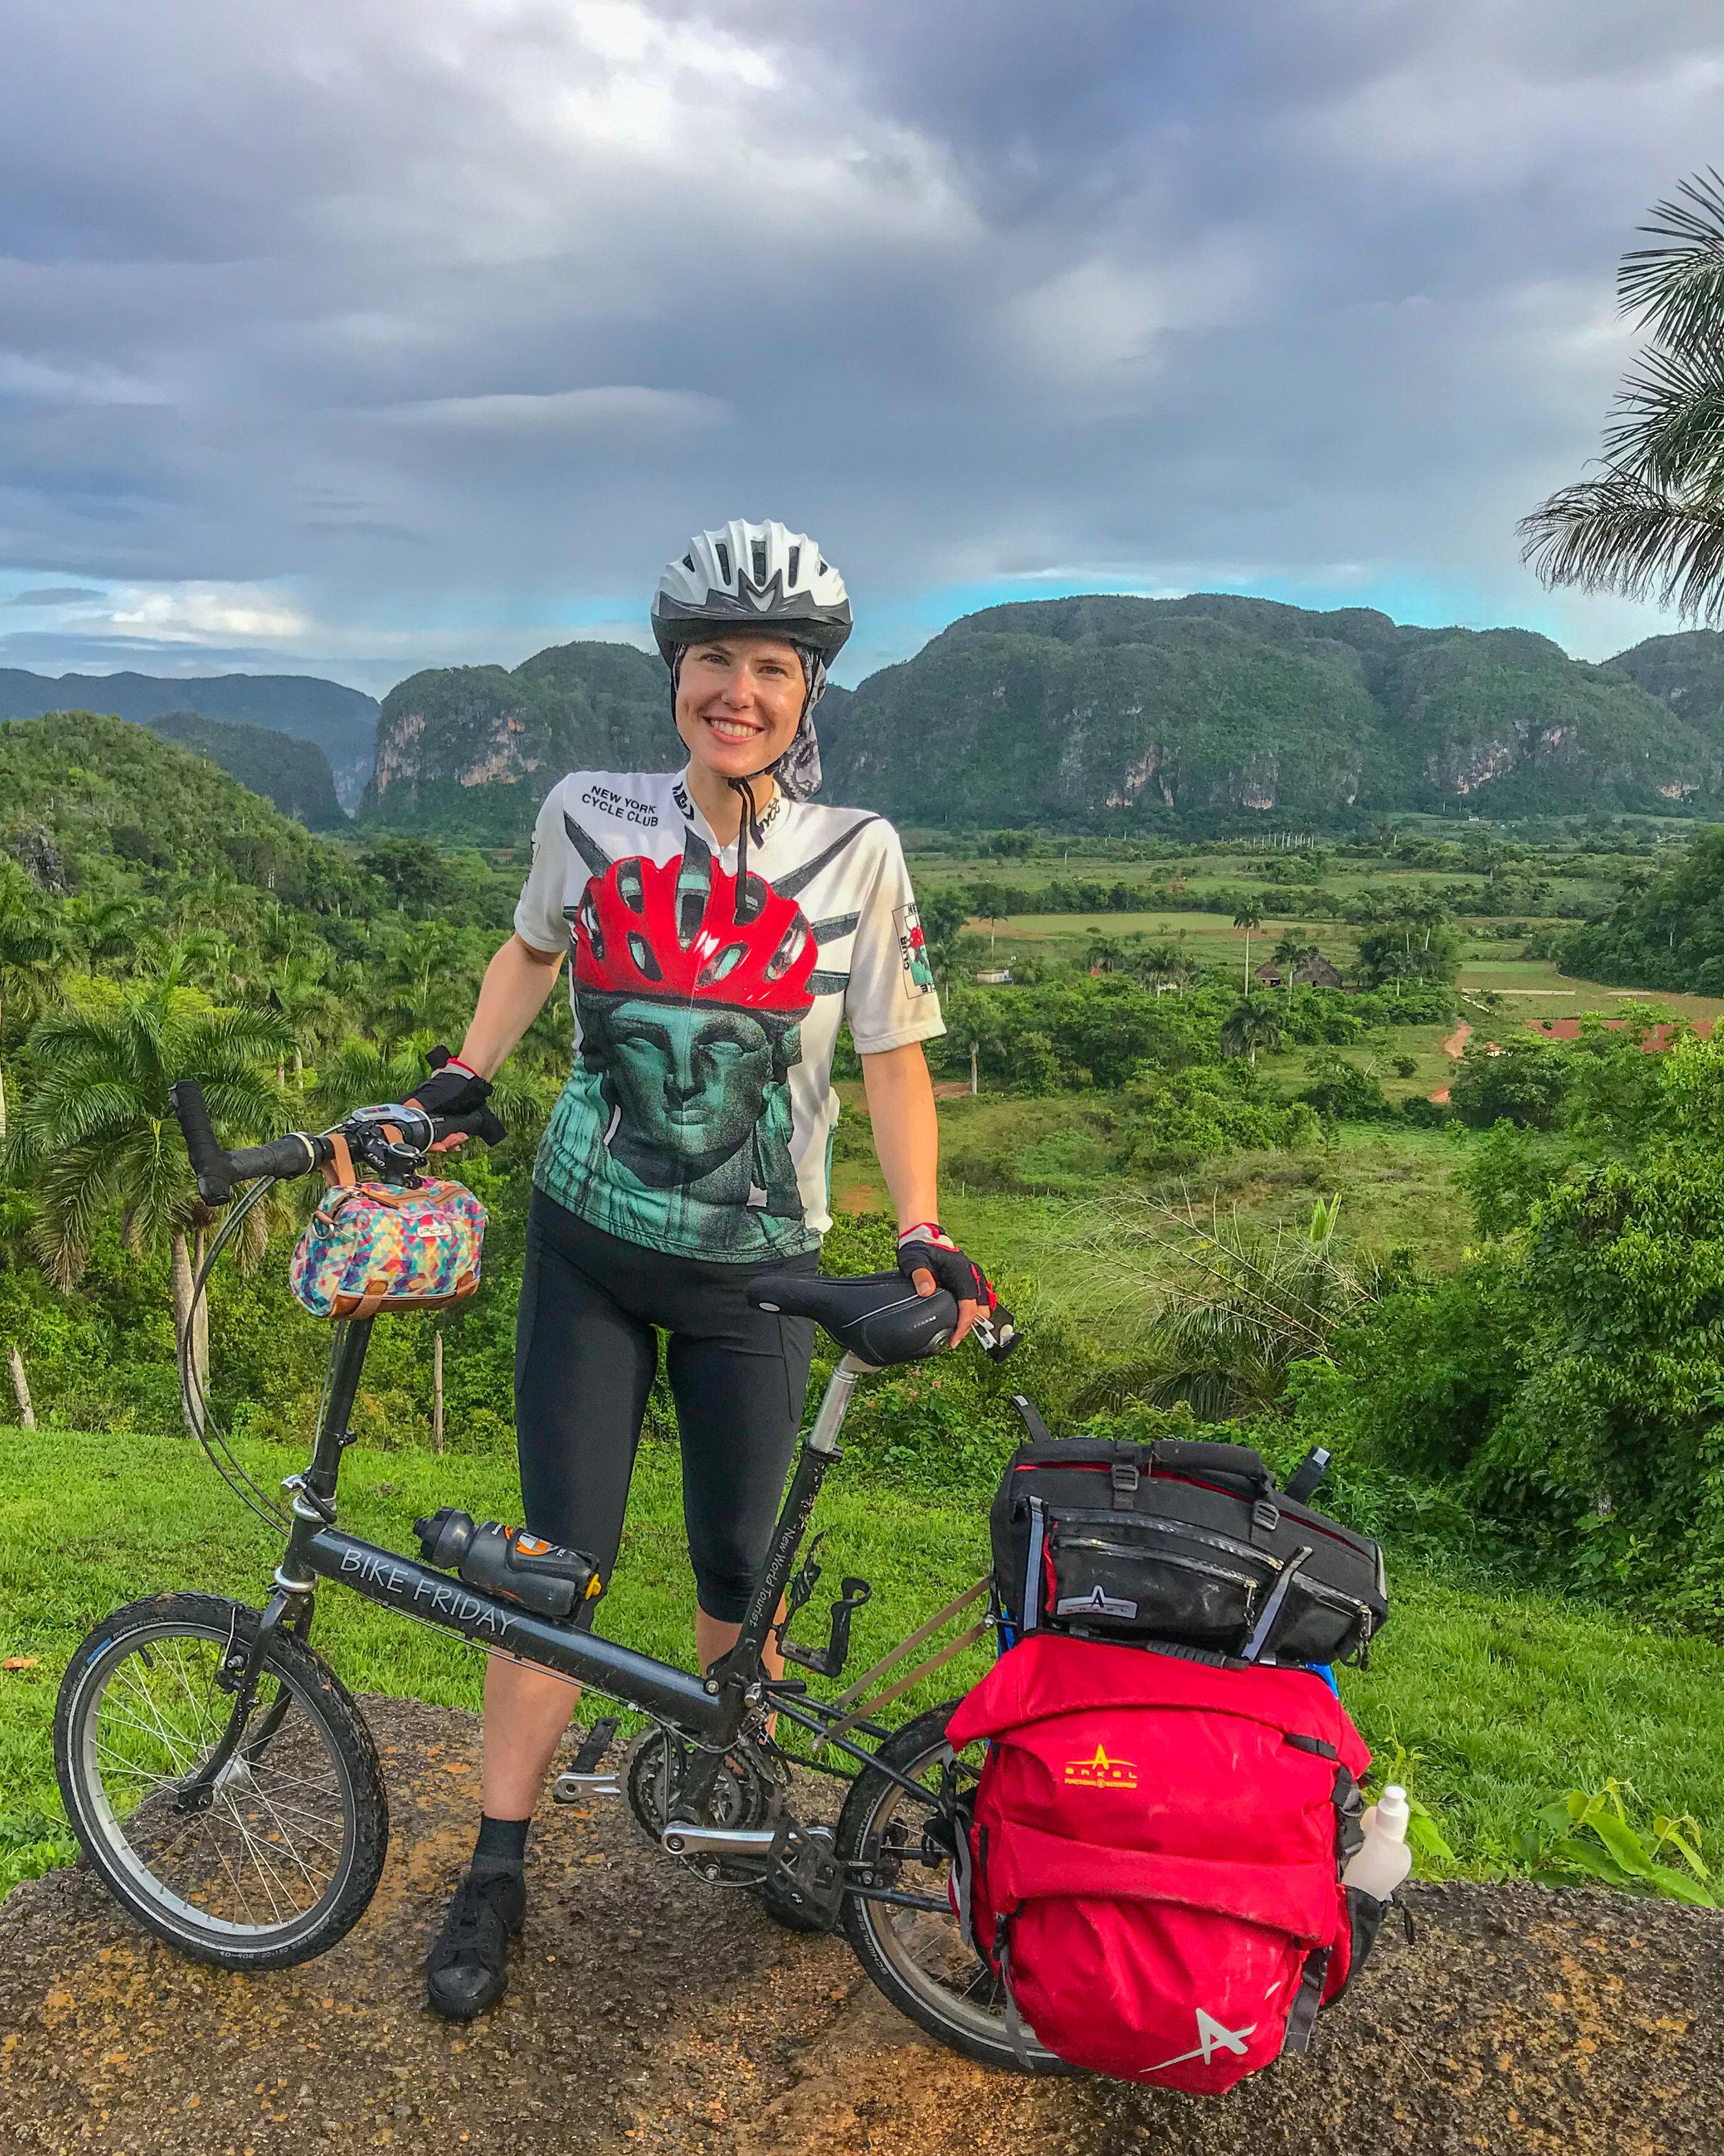 Solo bike touring in Vinales, Pinar del Rio